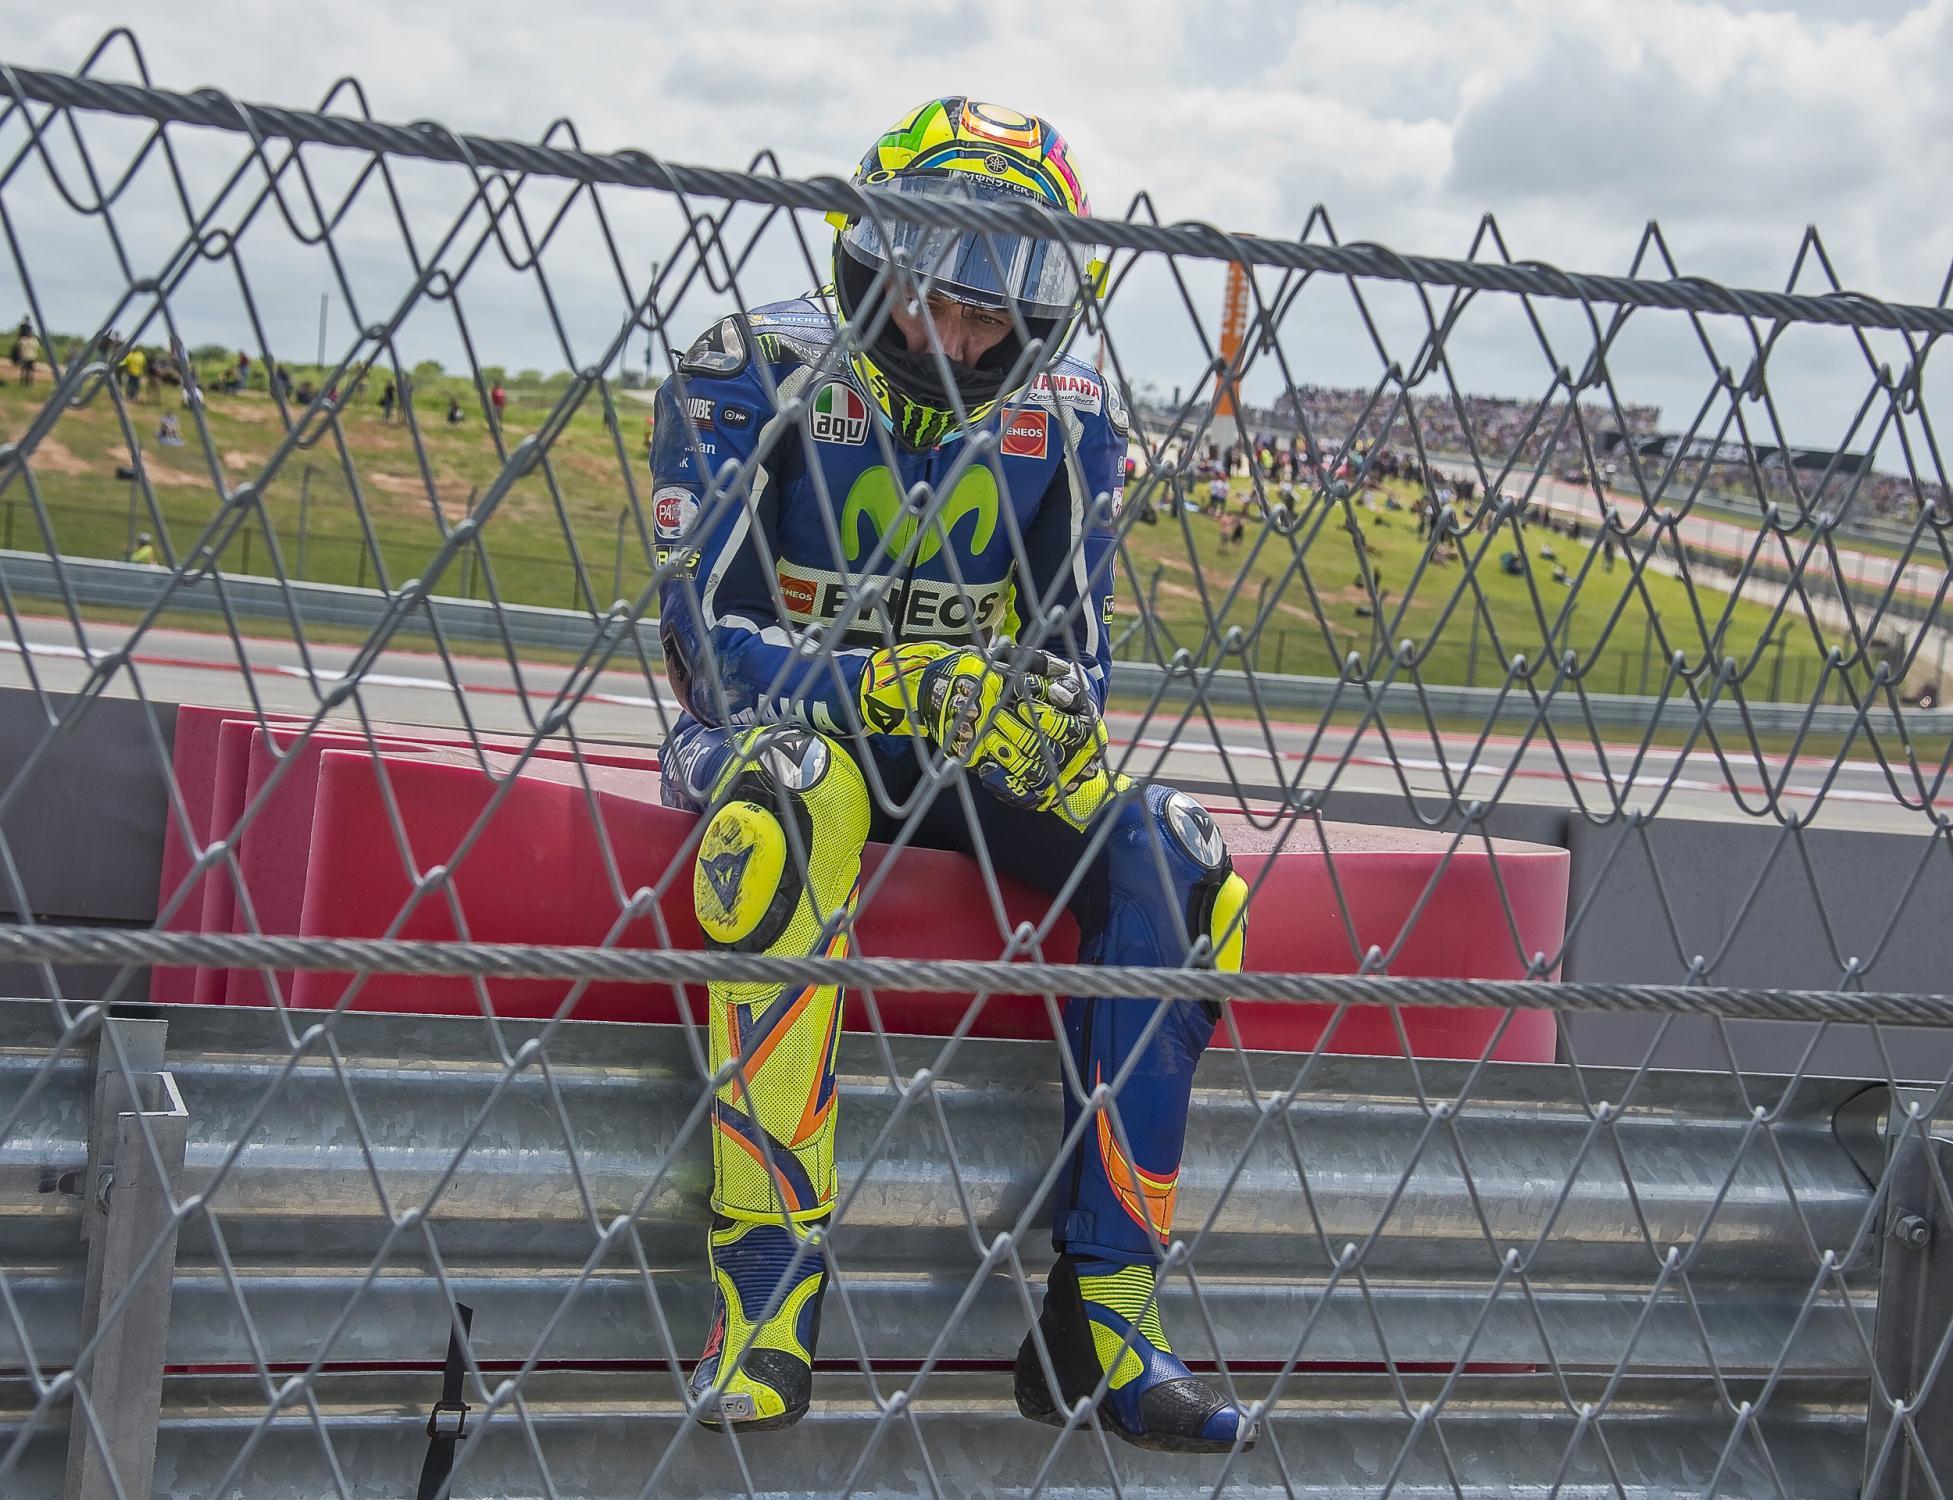 MotoGP 2016 : Grand prix des Amériques | La poignée dans l'angle